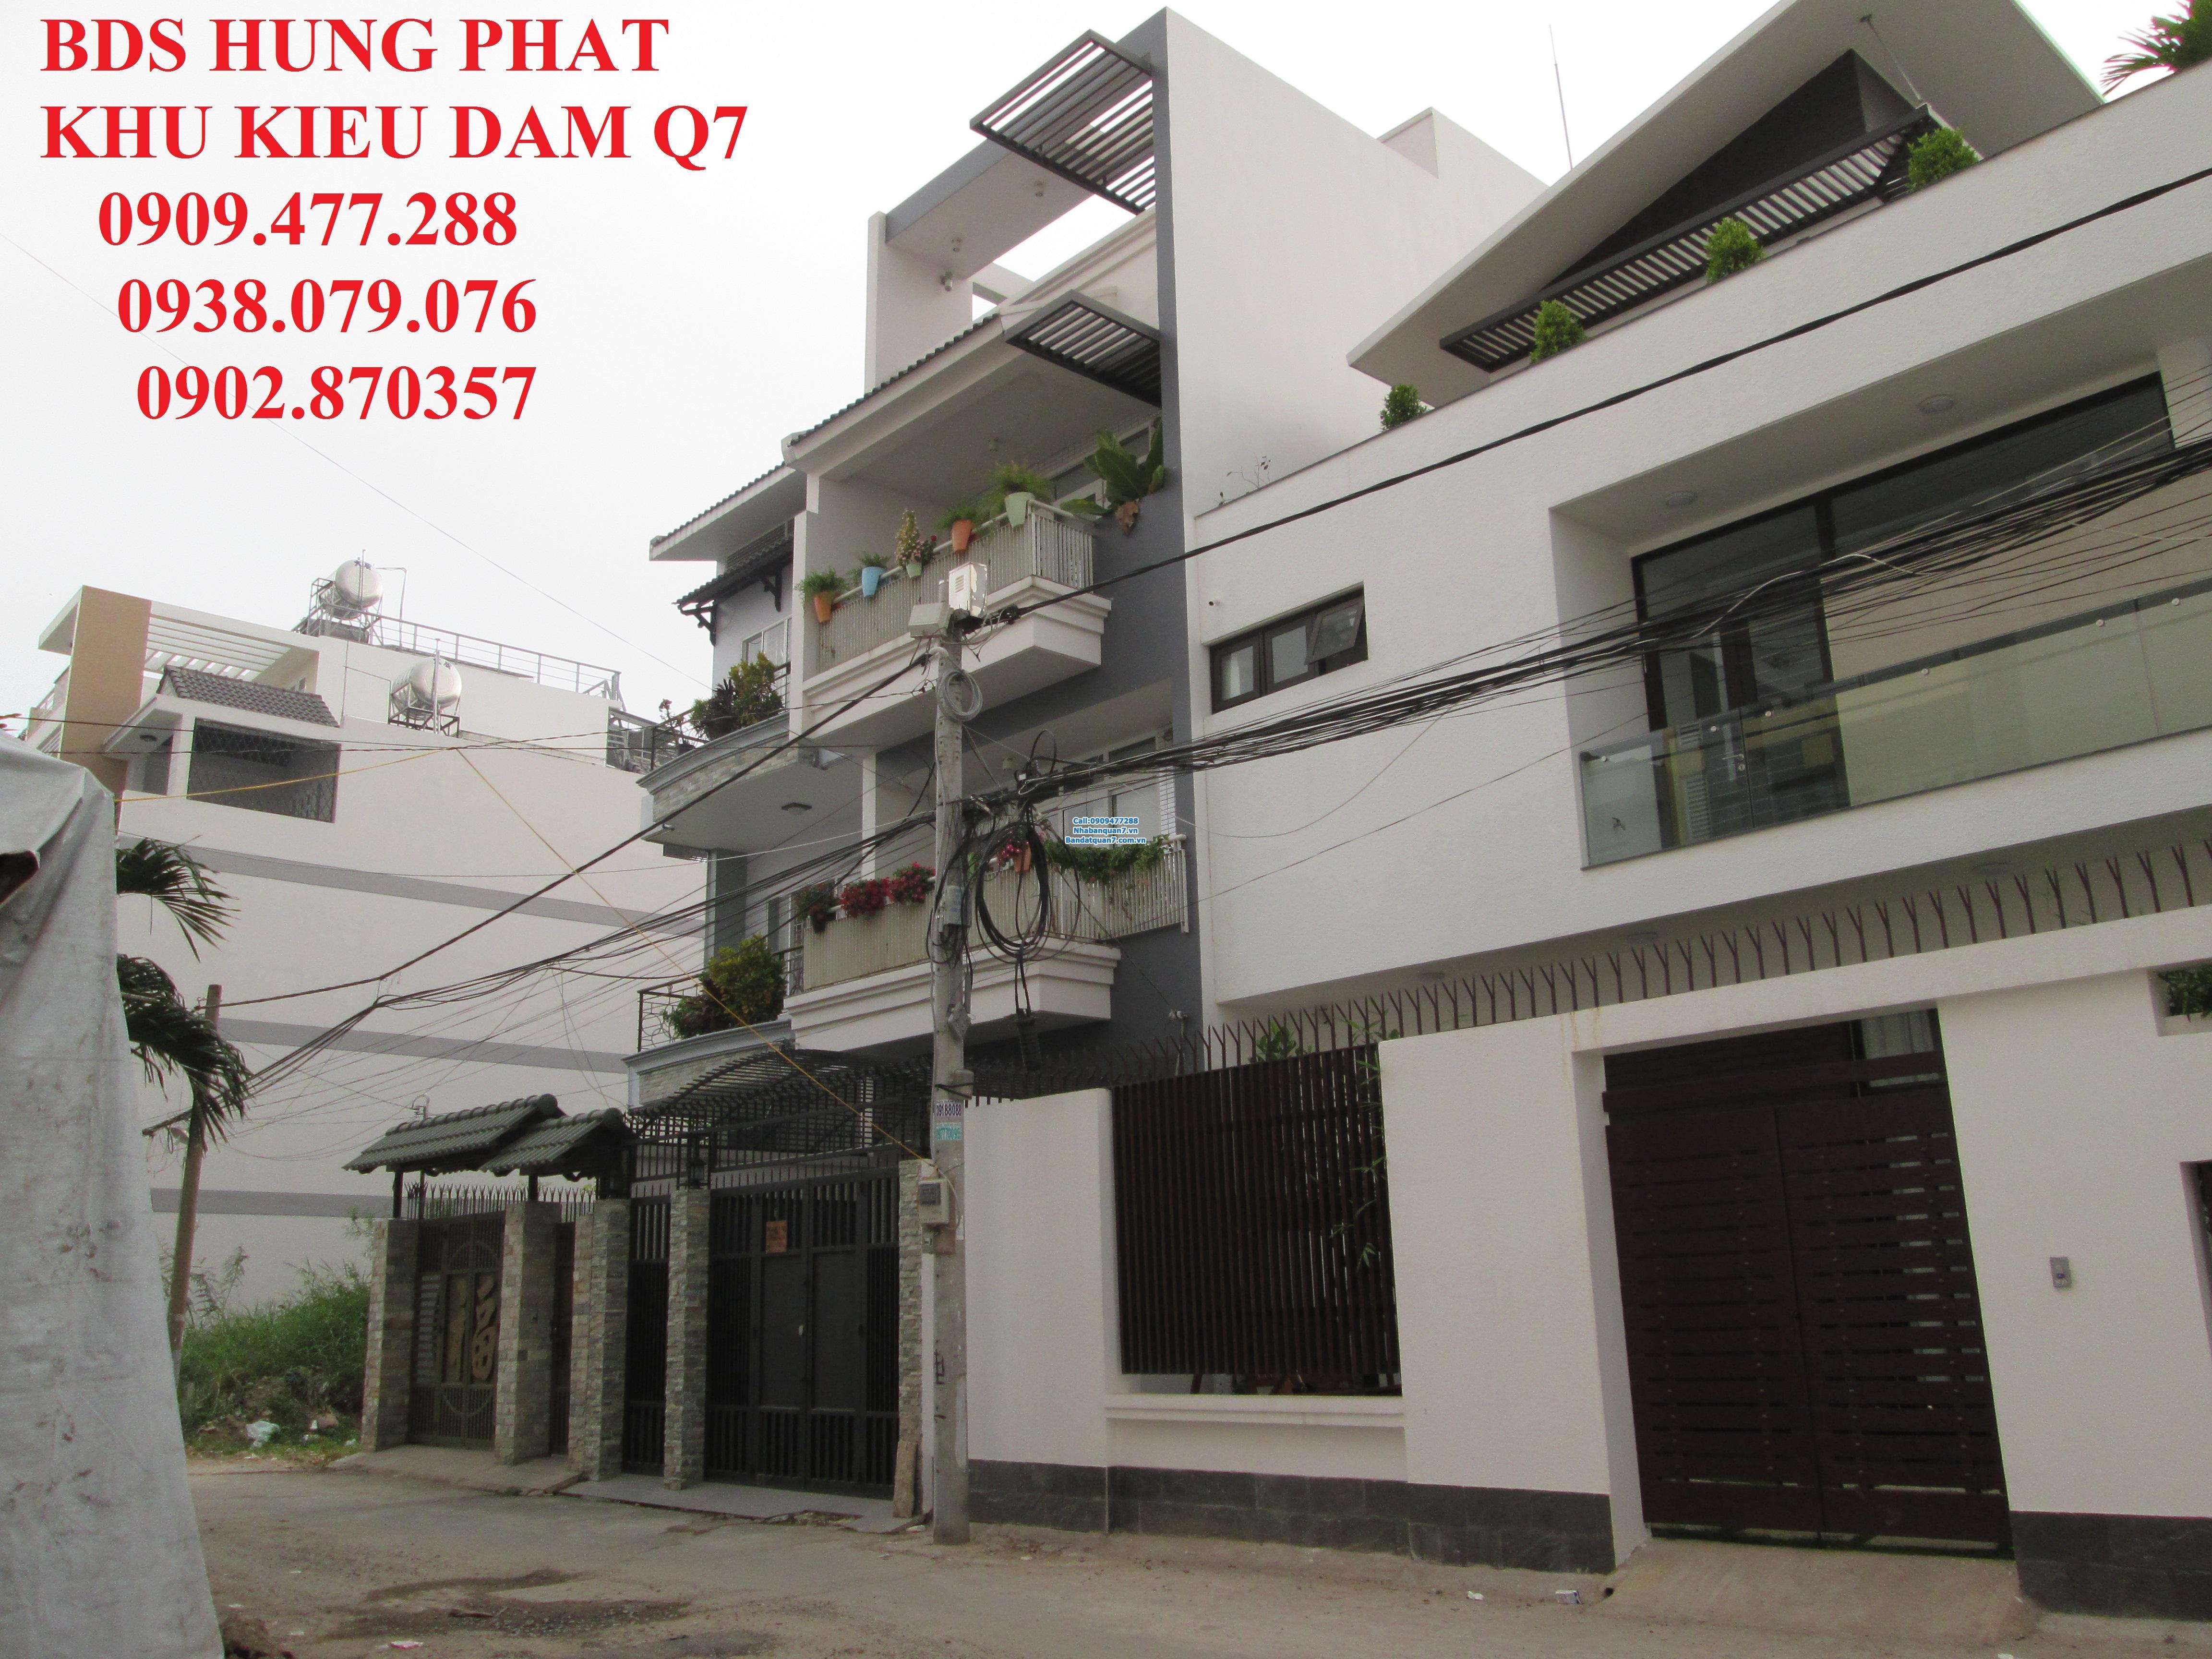 Bán nhà HXH 8m, Phường Tân Hưng, Quận 7    - Diện tích : 5m x 12m. Căc góc 2MT, Giá 3,5 tỷ, Hướng Nam  Lh 0909477288